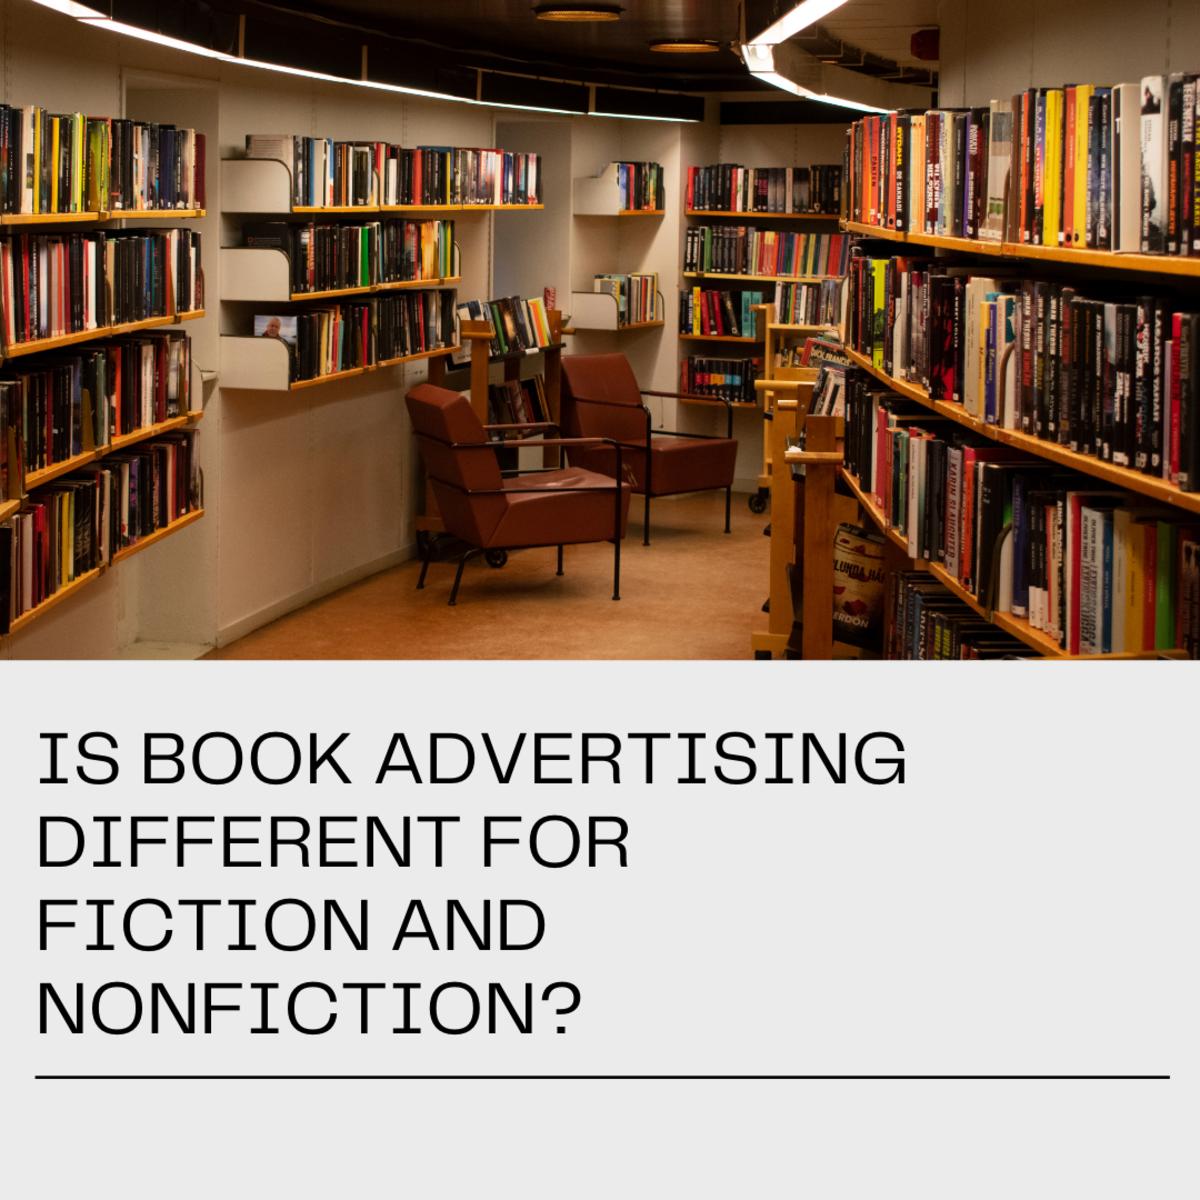 小说类书籍和非小说类书籍的广告是不同的……和一样的。